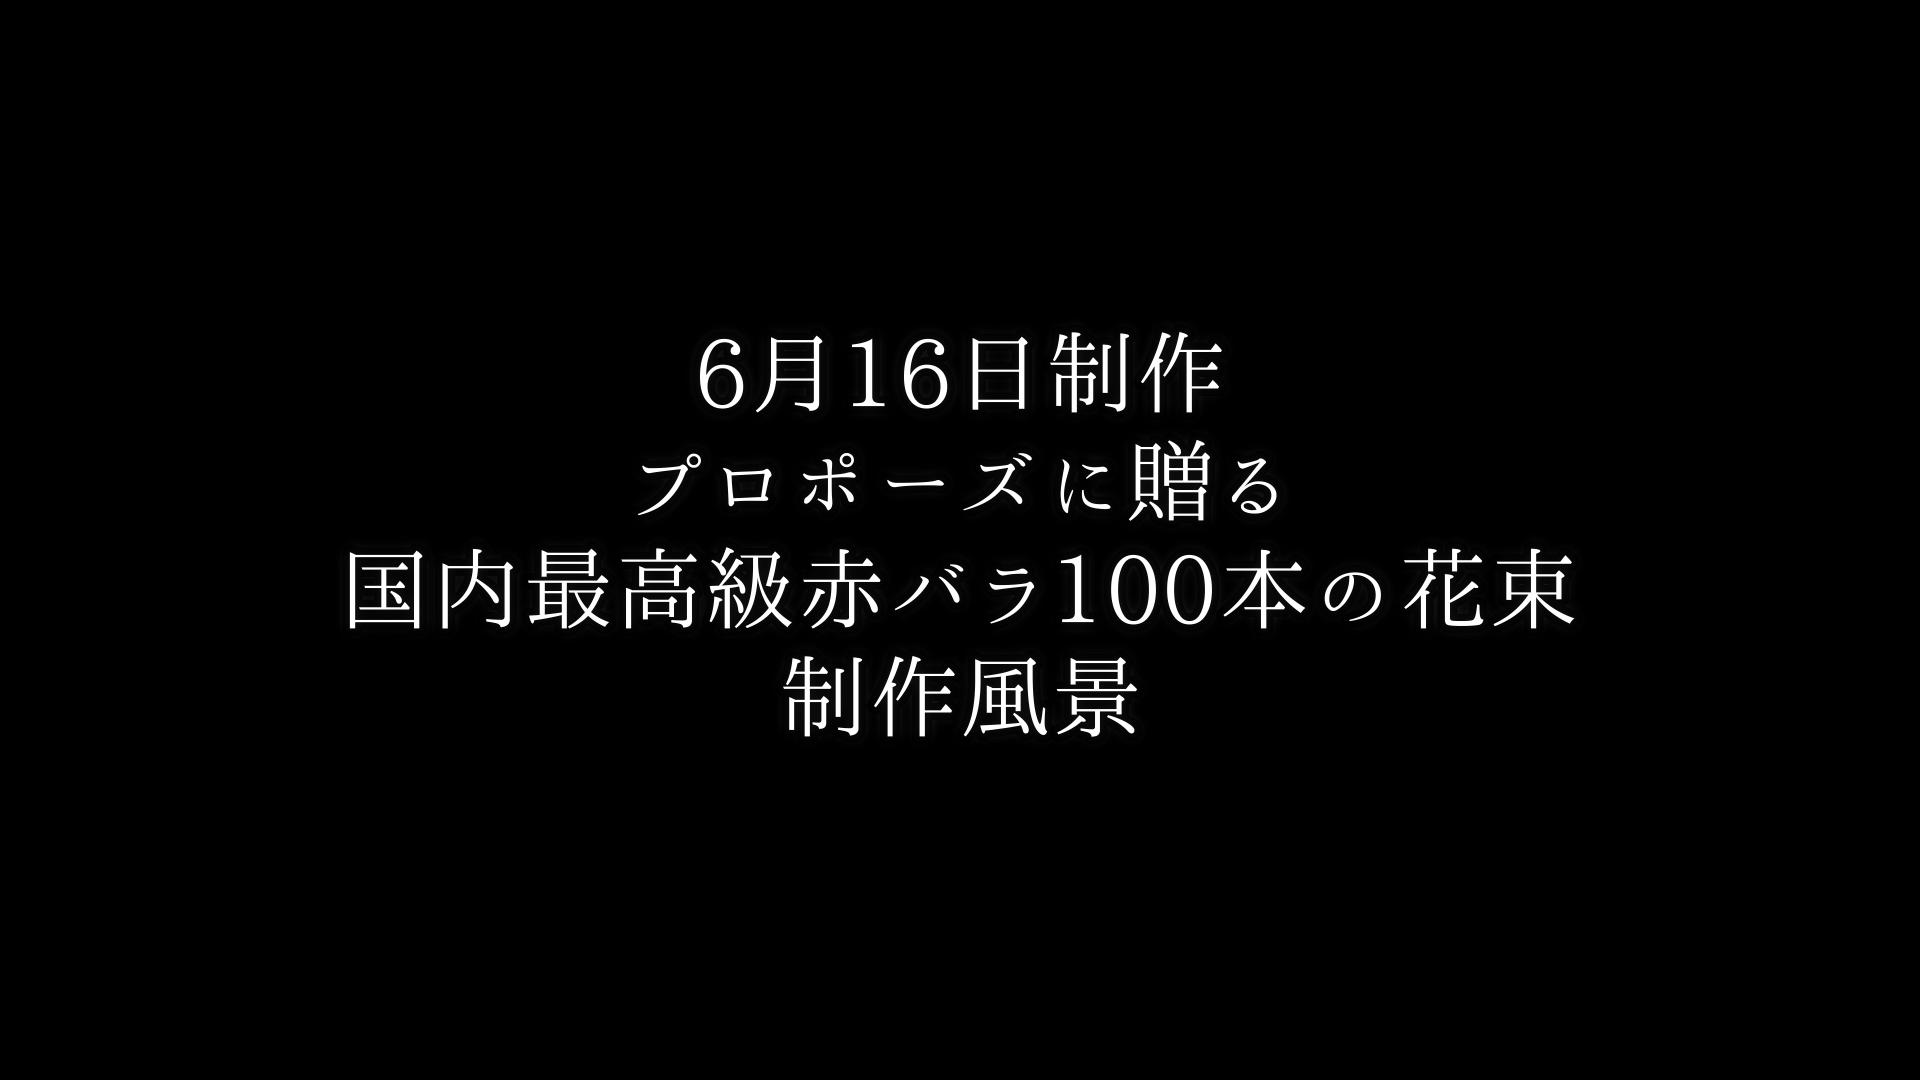 【プロポーズに贈る】最高級赤バラ100本の花束制作動画 2021/06/16撮影